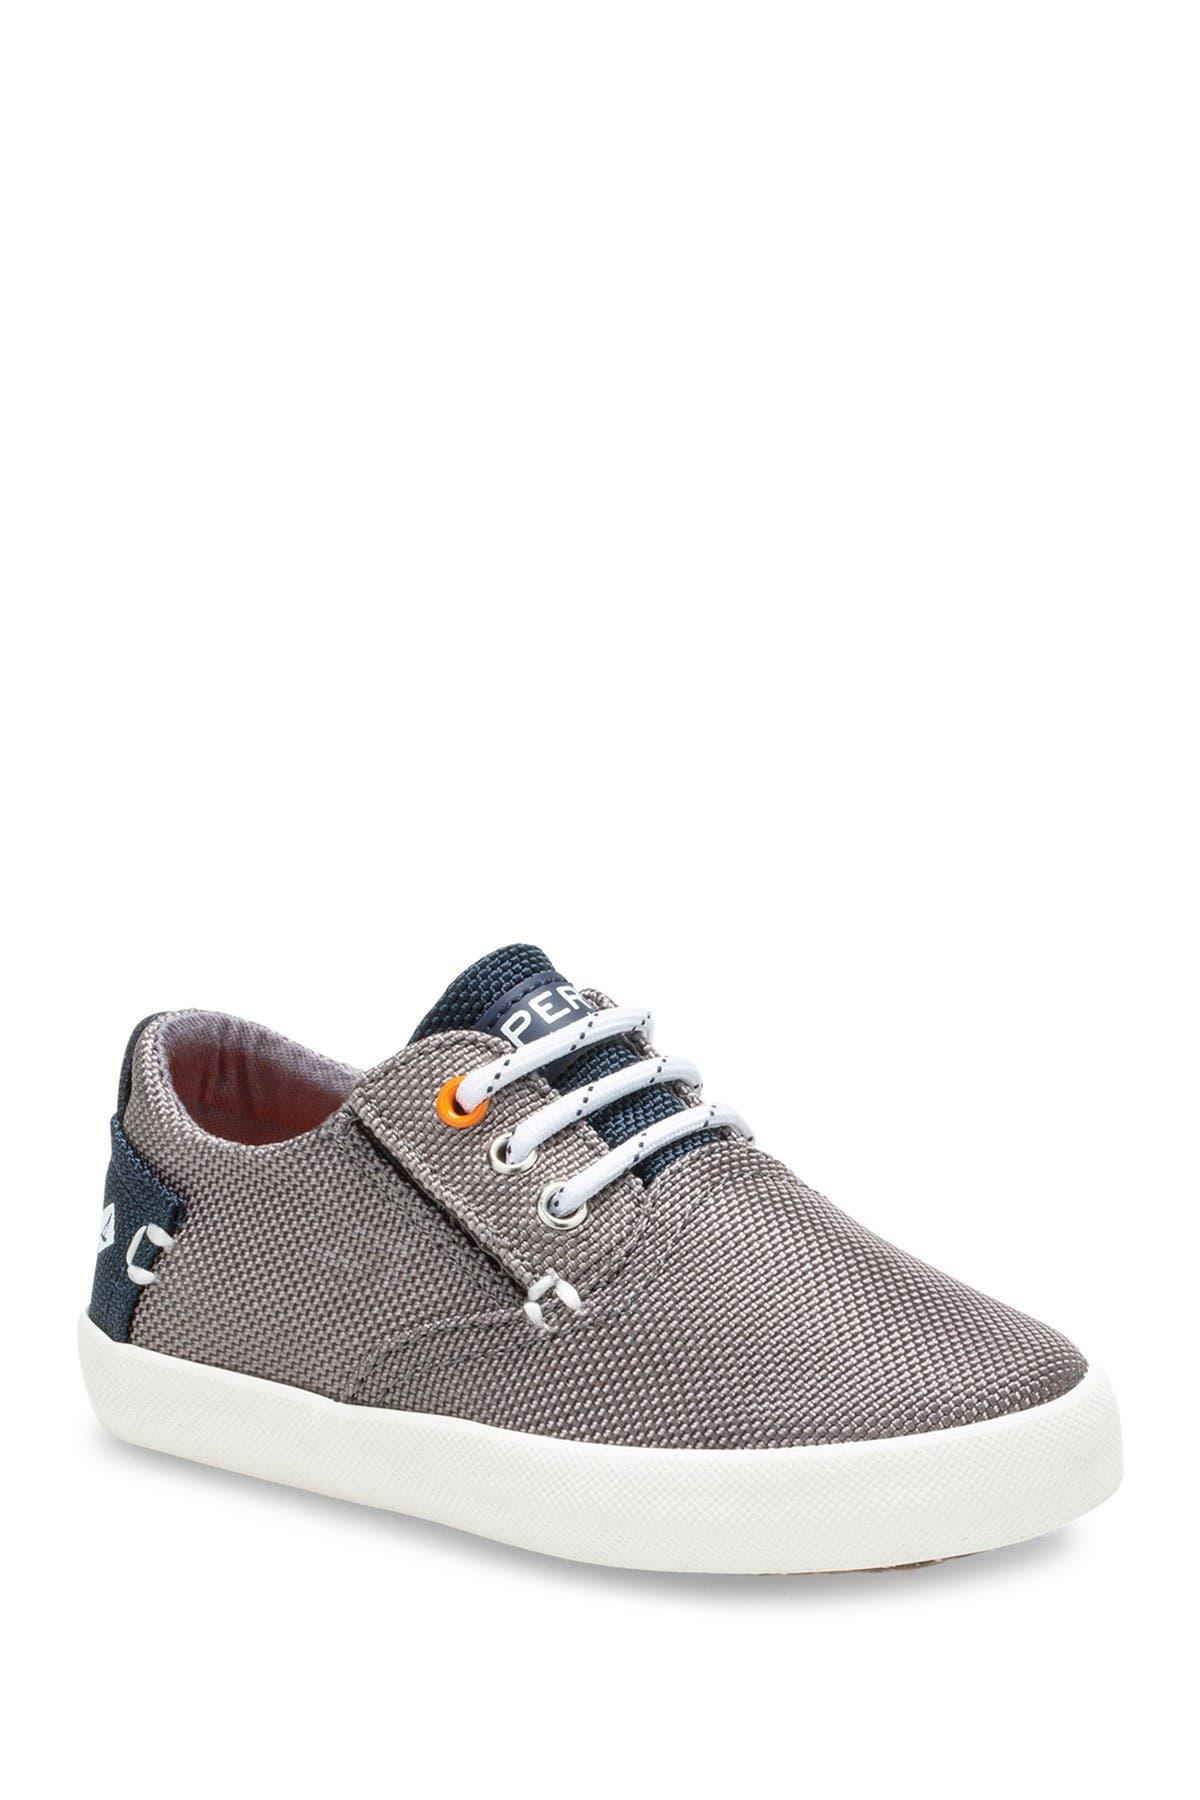 Sperry | Bodie Woven Sneaker